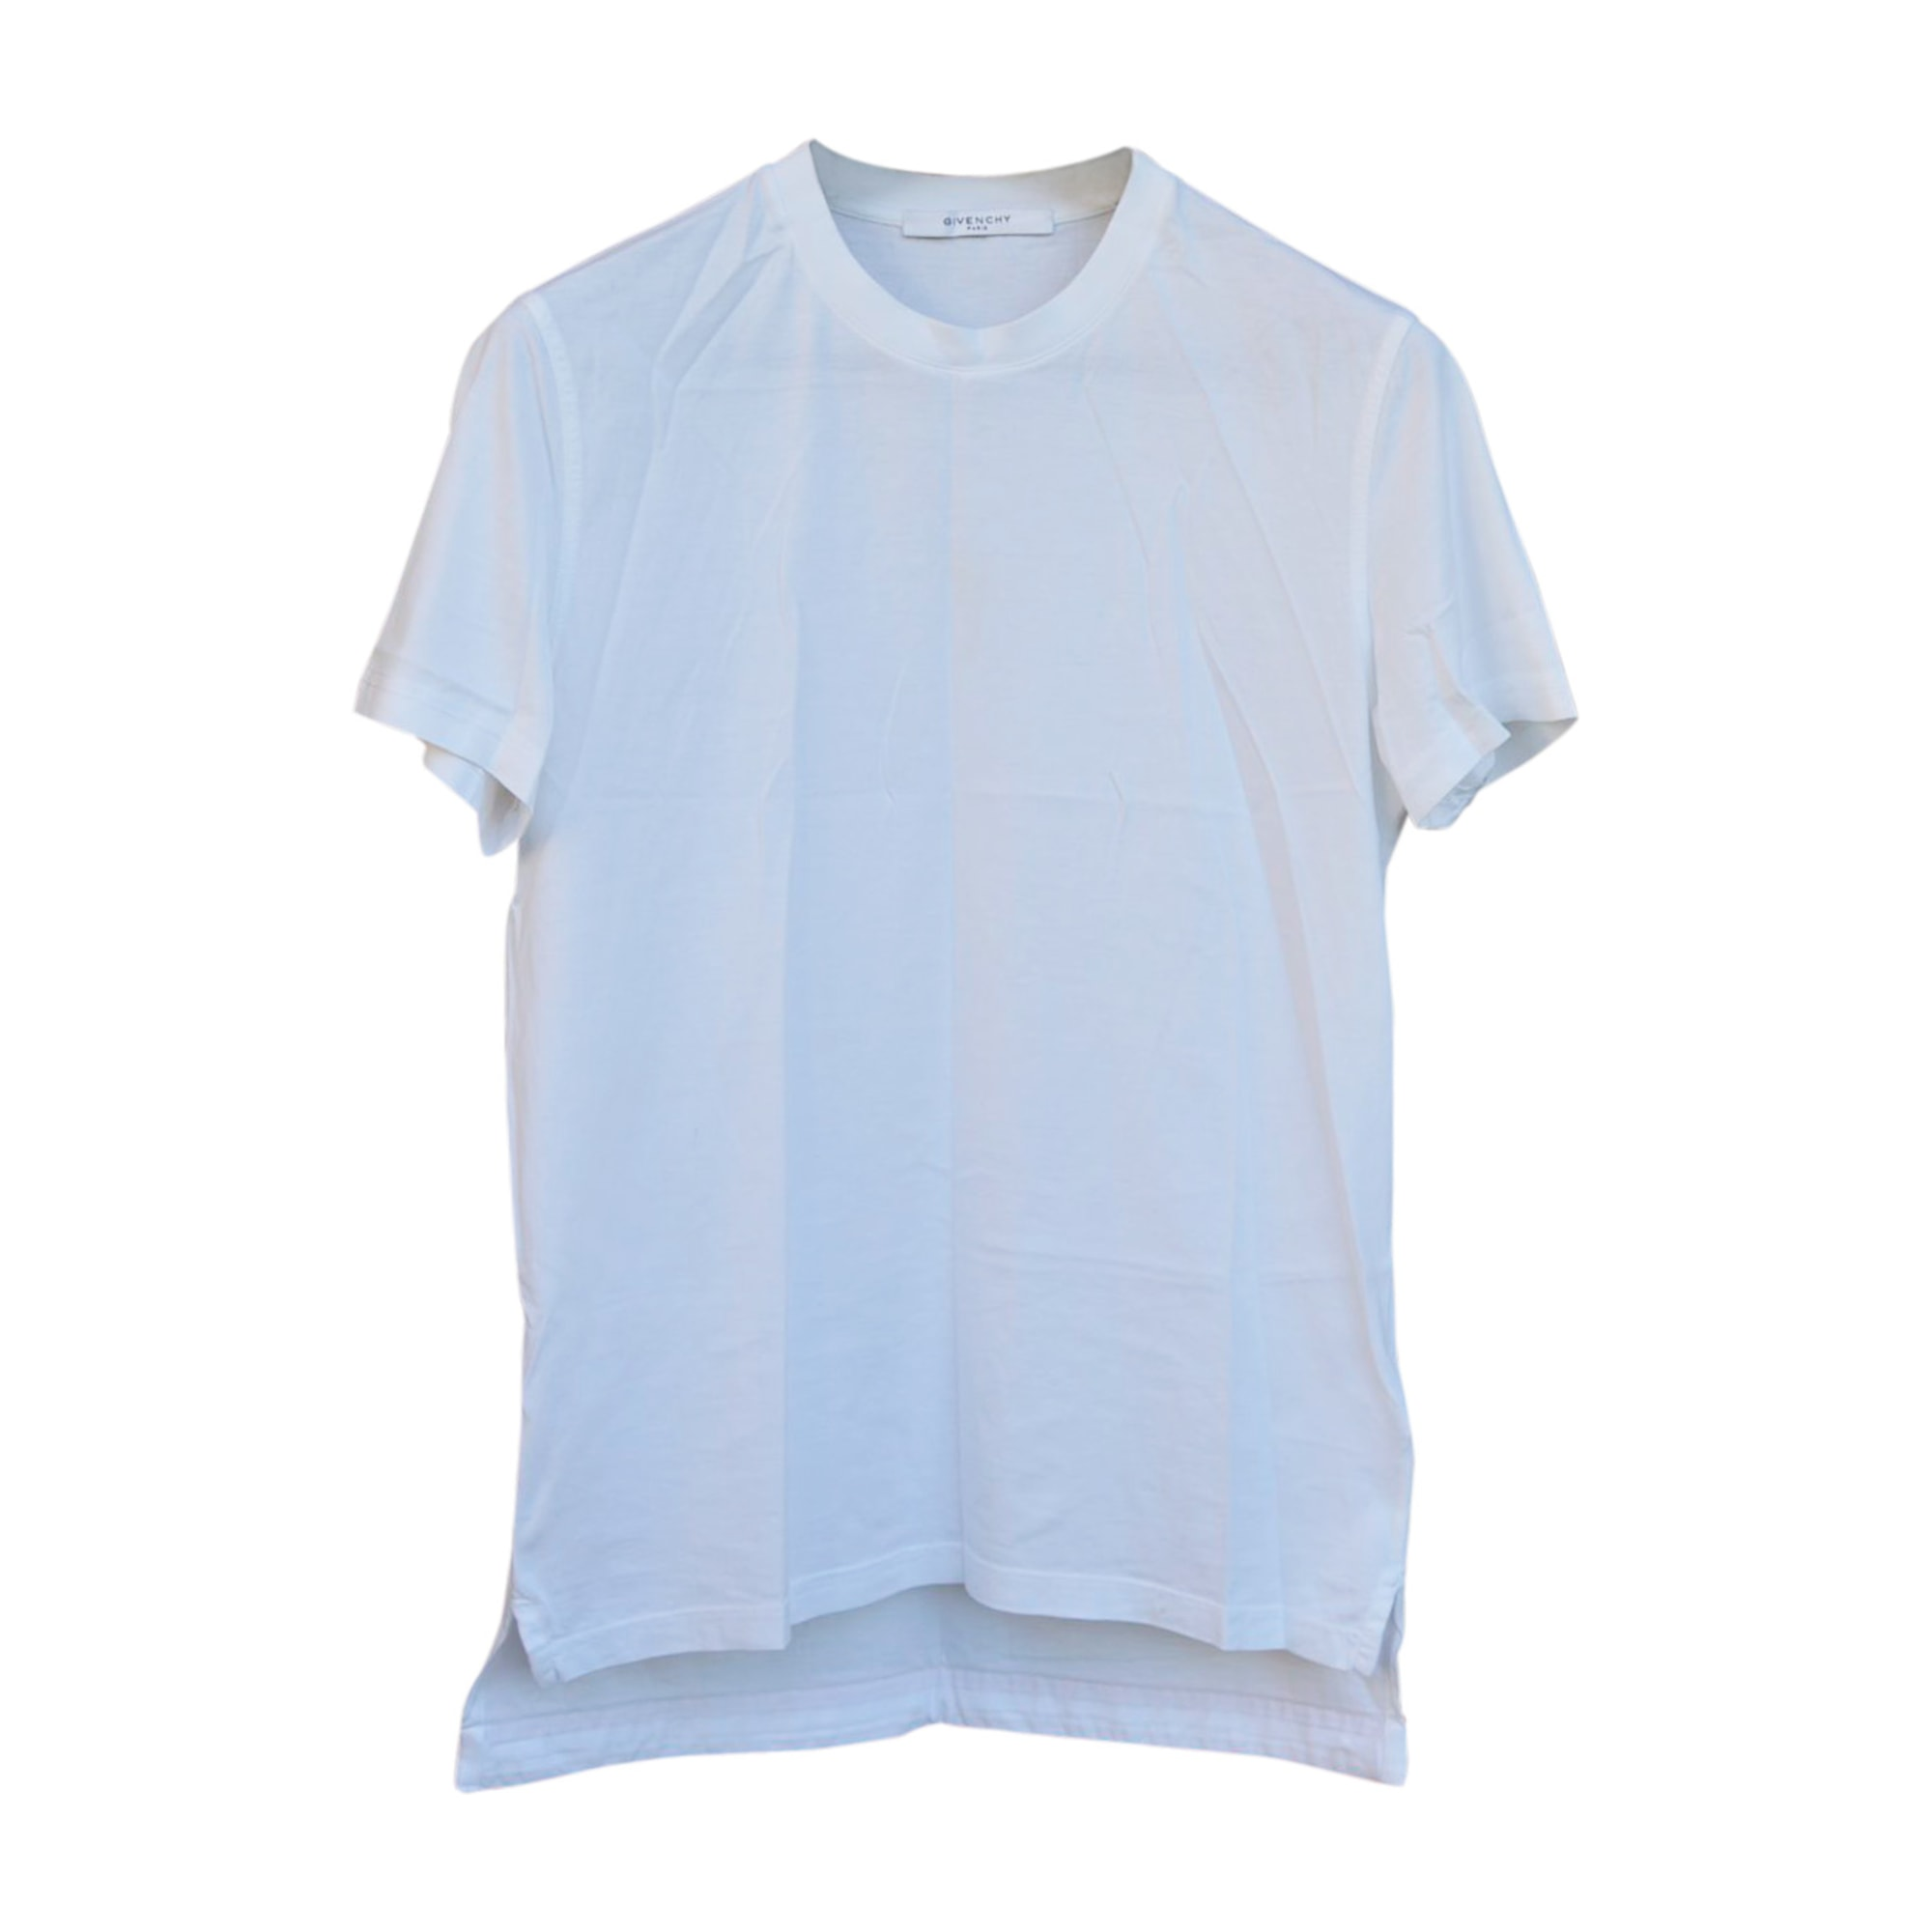 Tee-shirt GIVENCHY Blanc, blanc cassé, écru